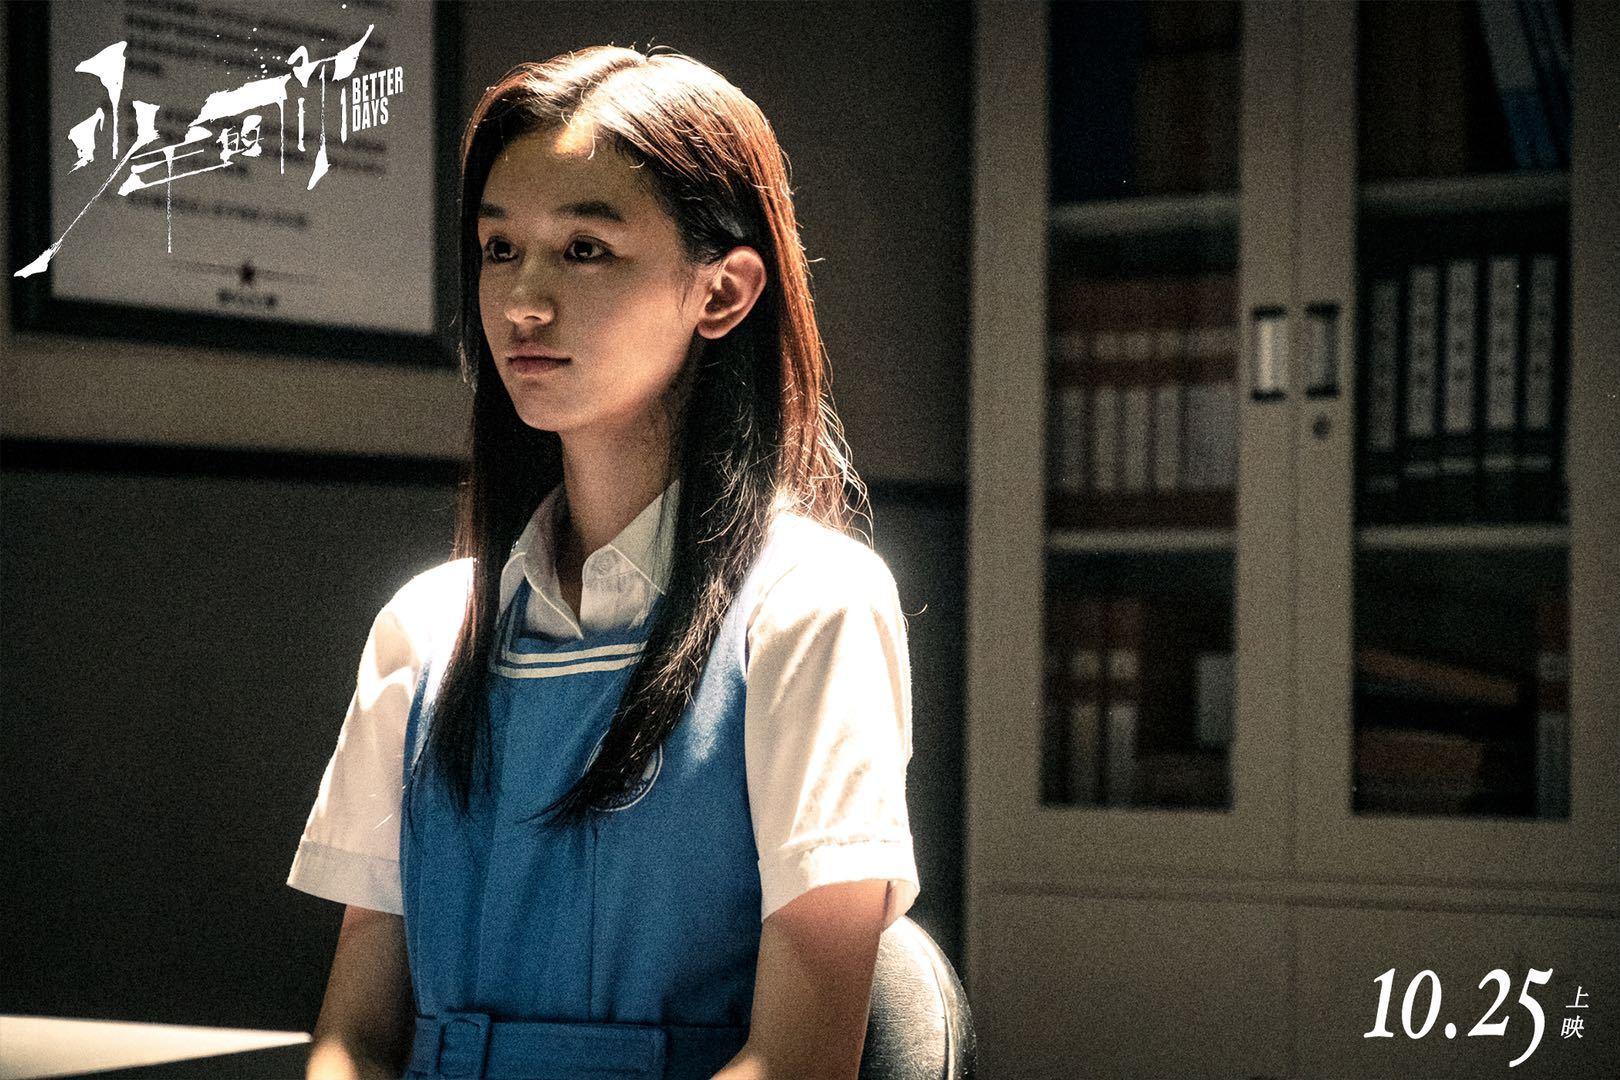 《少年的你》魏莱让很多人记住的妹妹,plmm确实很好看!!